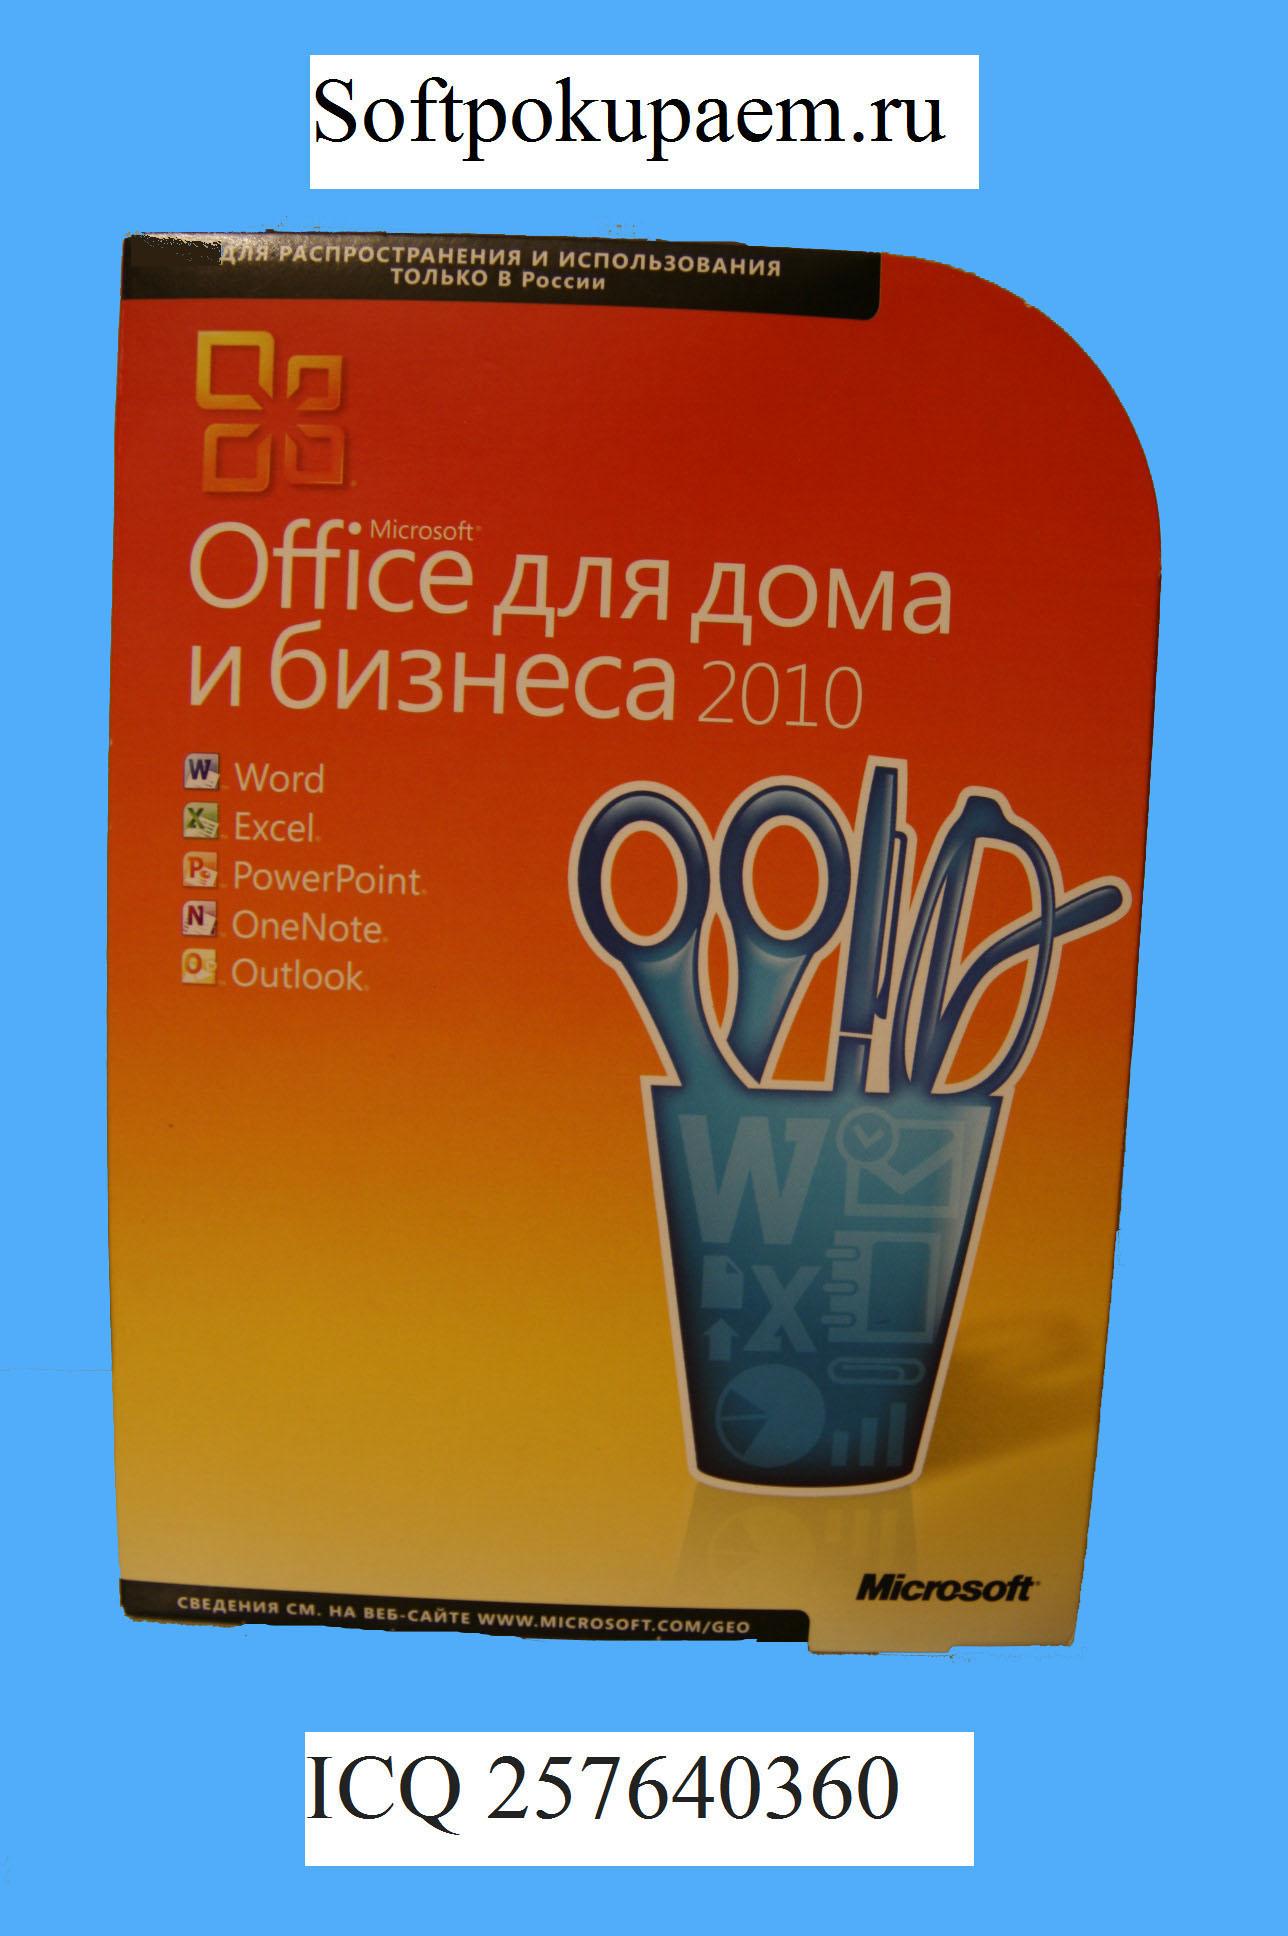 Покупаем Microsoft на вторичном рынке, предлагаем макс. цены